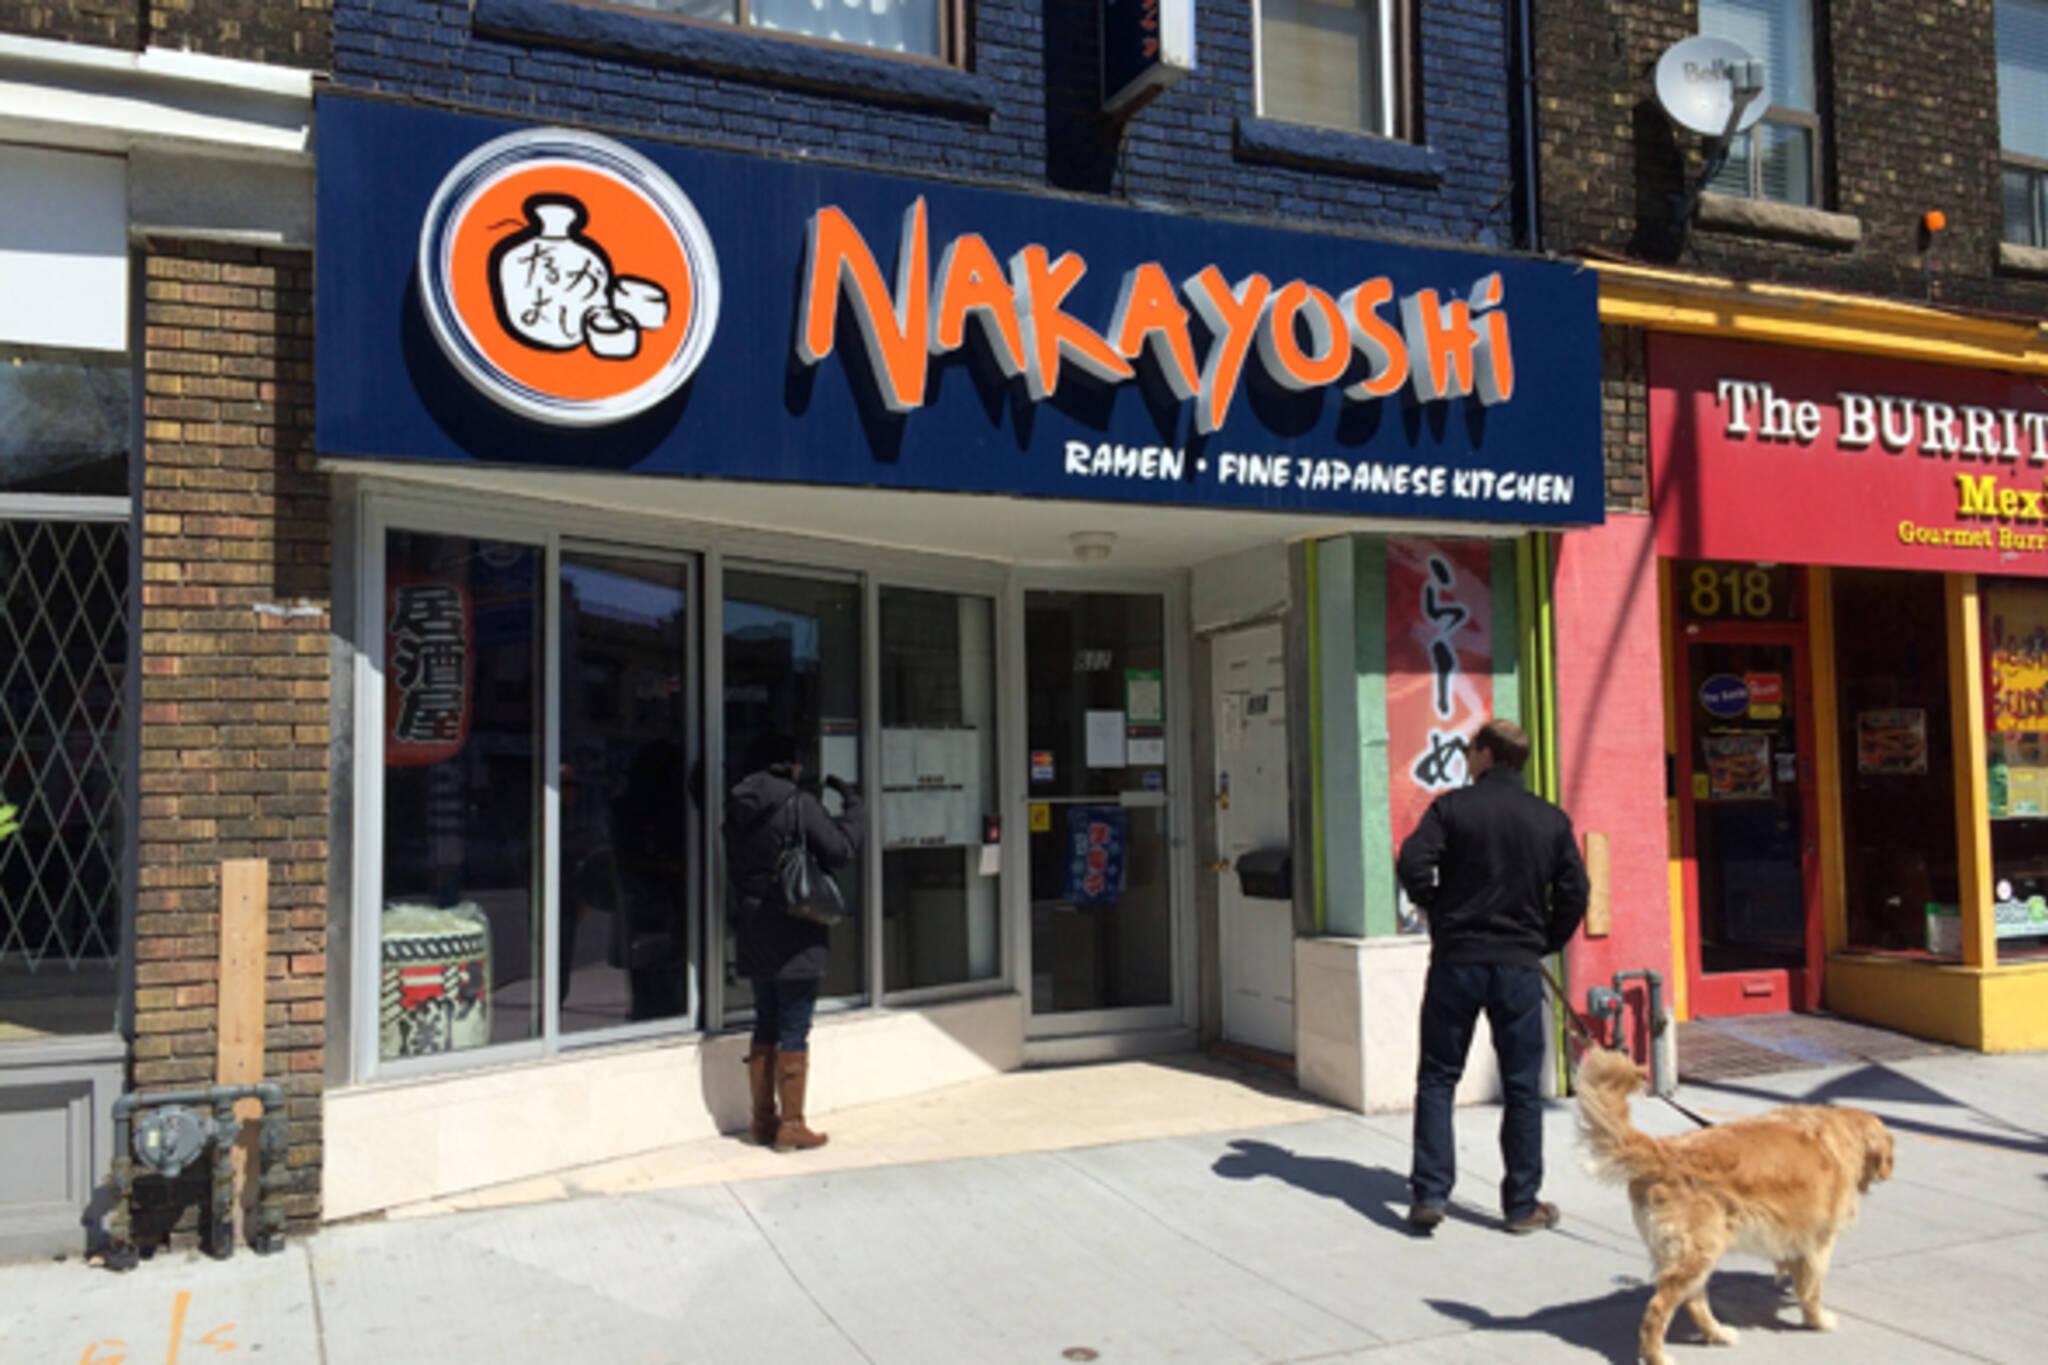 Nakayoshi Toronto